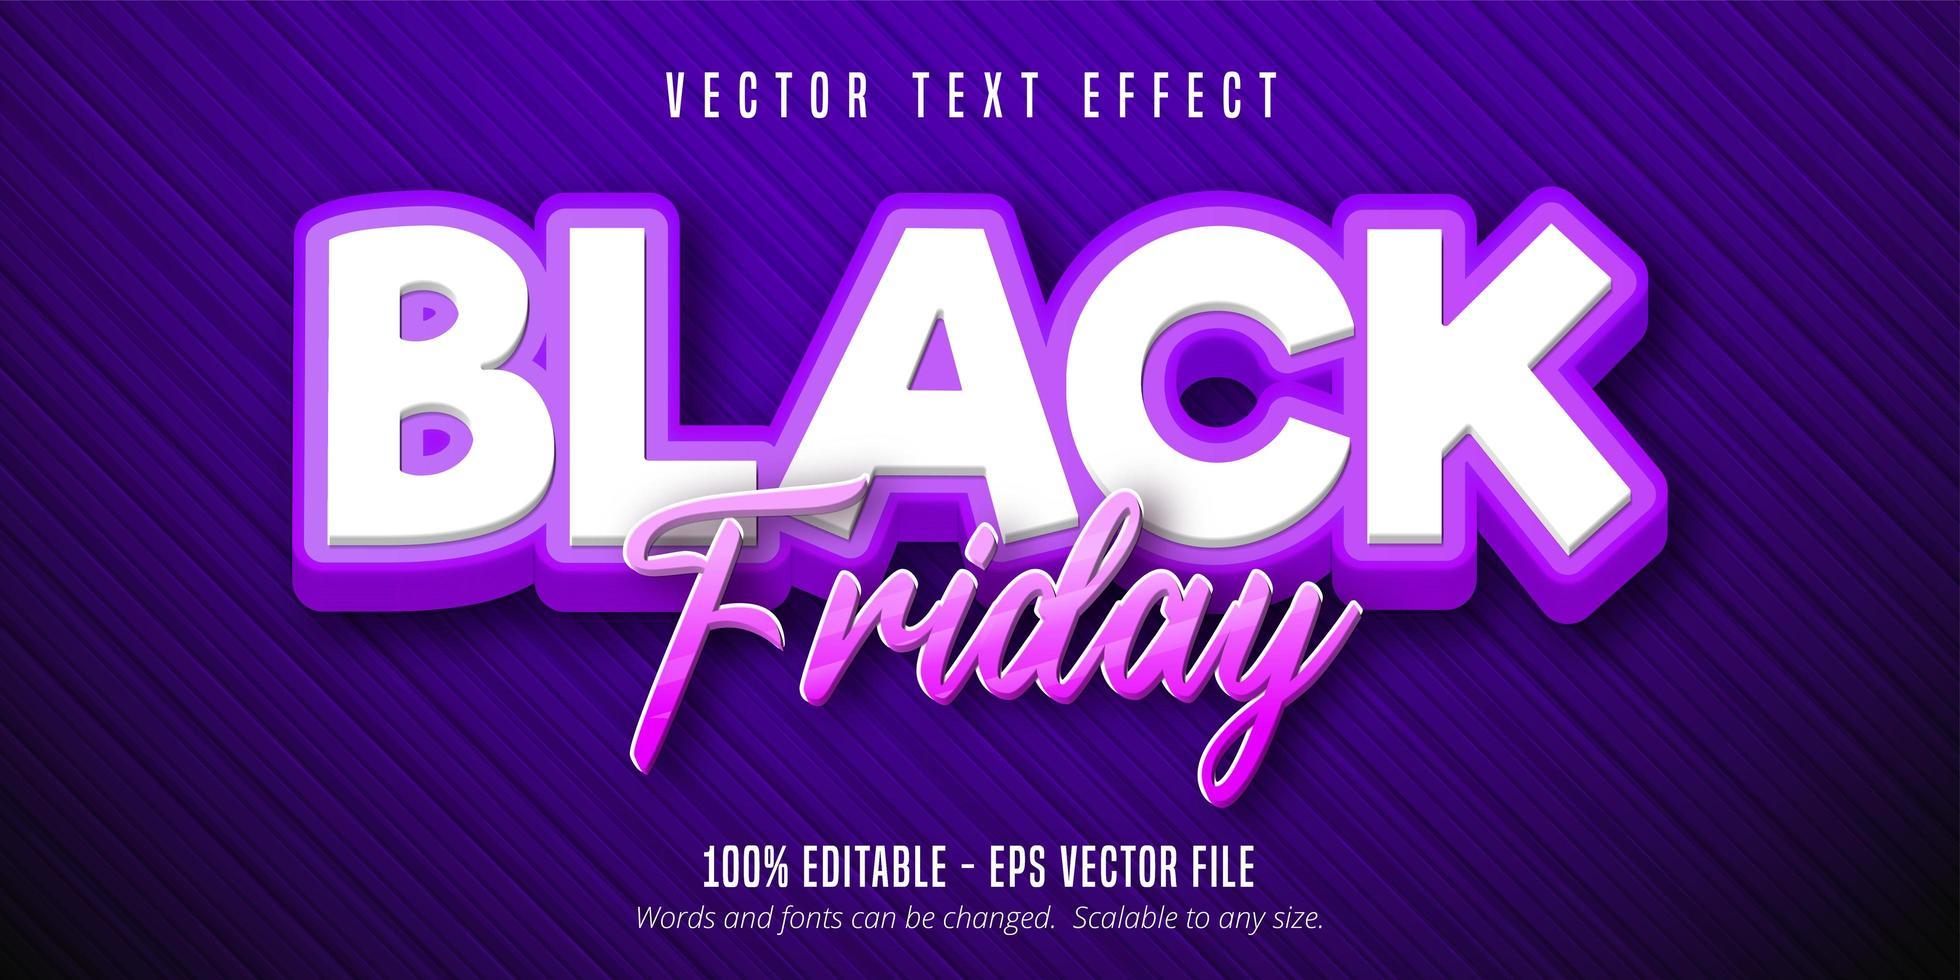 zwarte vrijdag cartoon-stijl bewerkbaar teksteffect vector